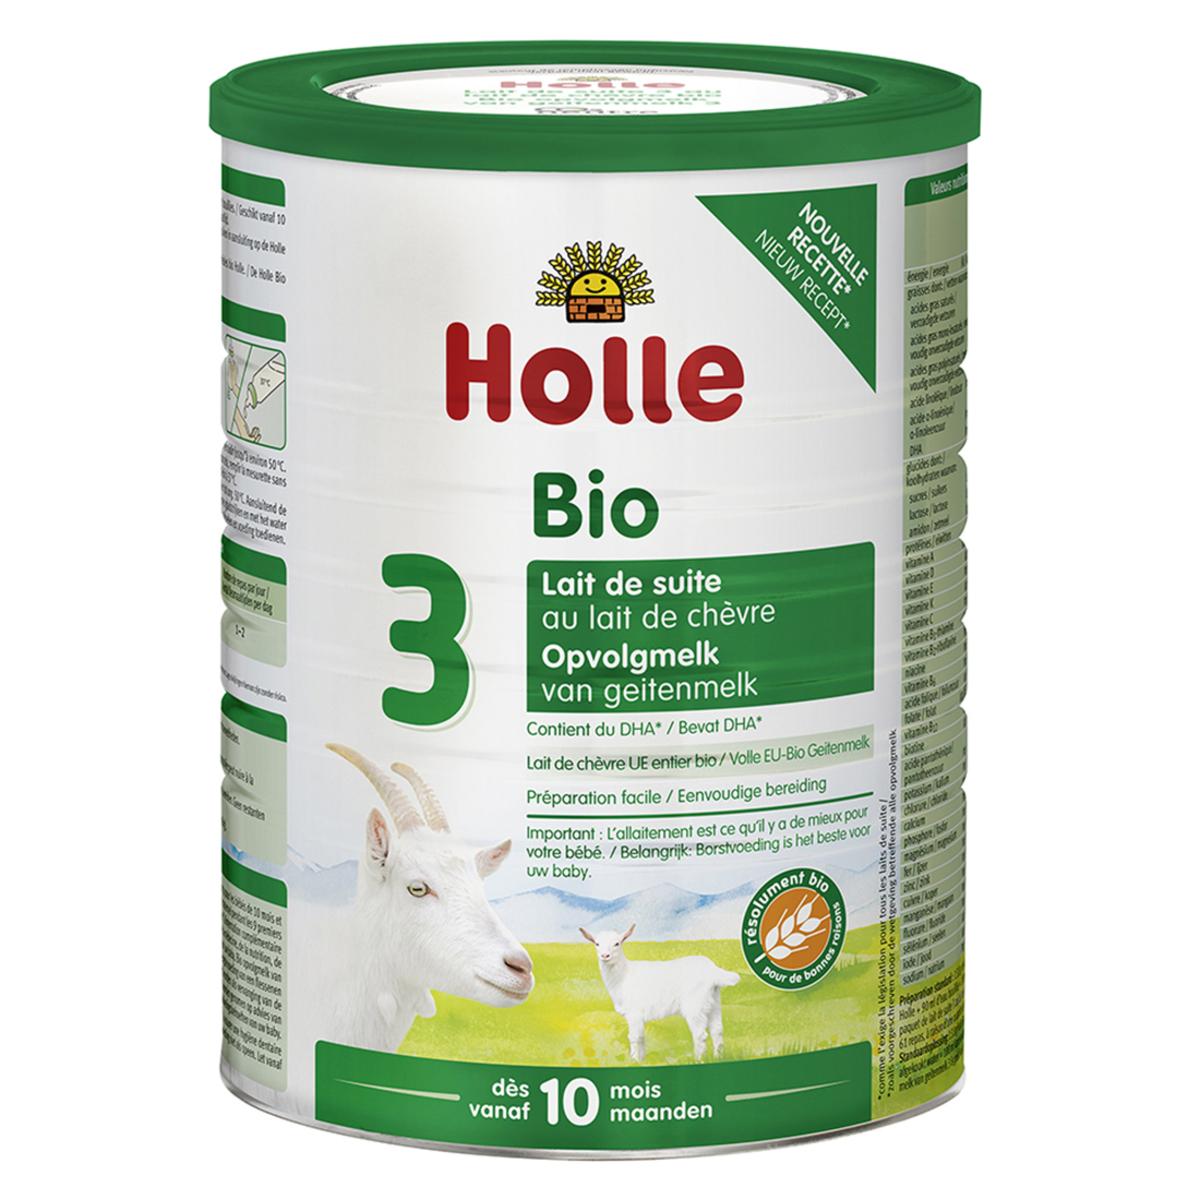 Lait bio Lait de Suite 3 Bio Chèvre - 800 g Lait de Suite 3 Bio Chèvre - 800 g